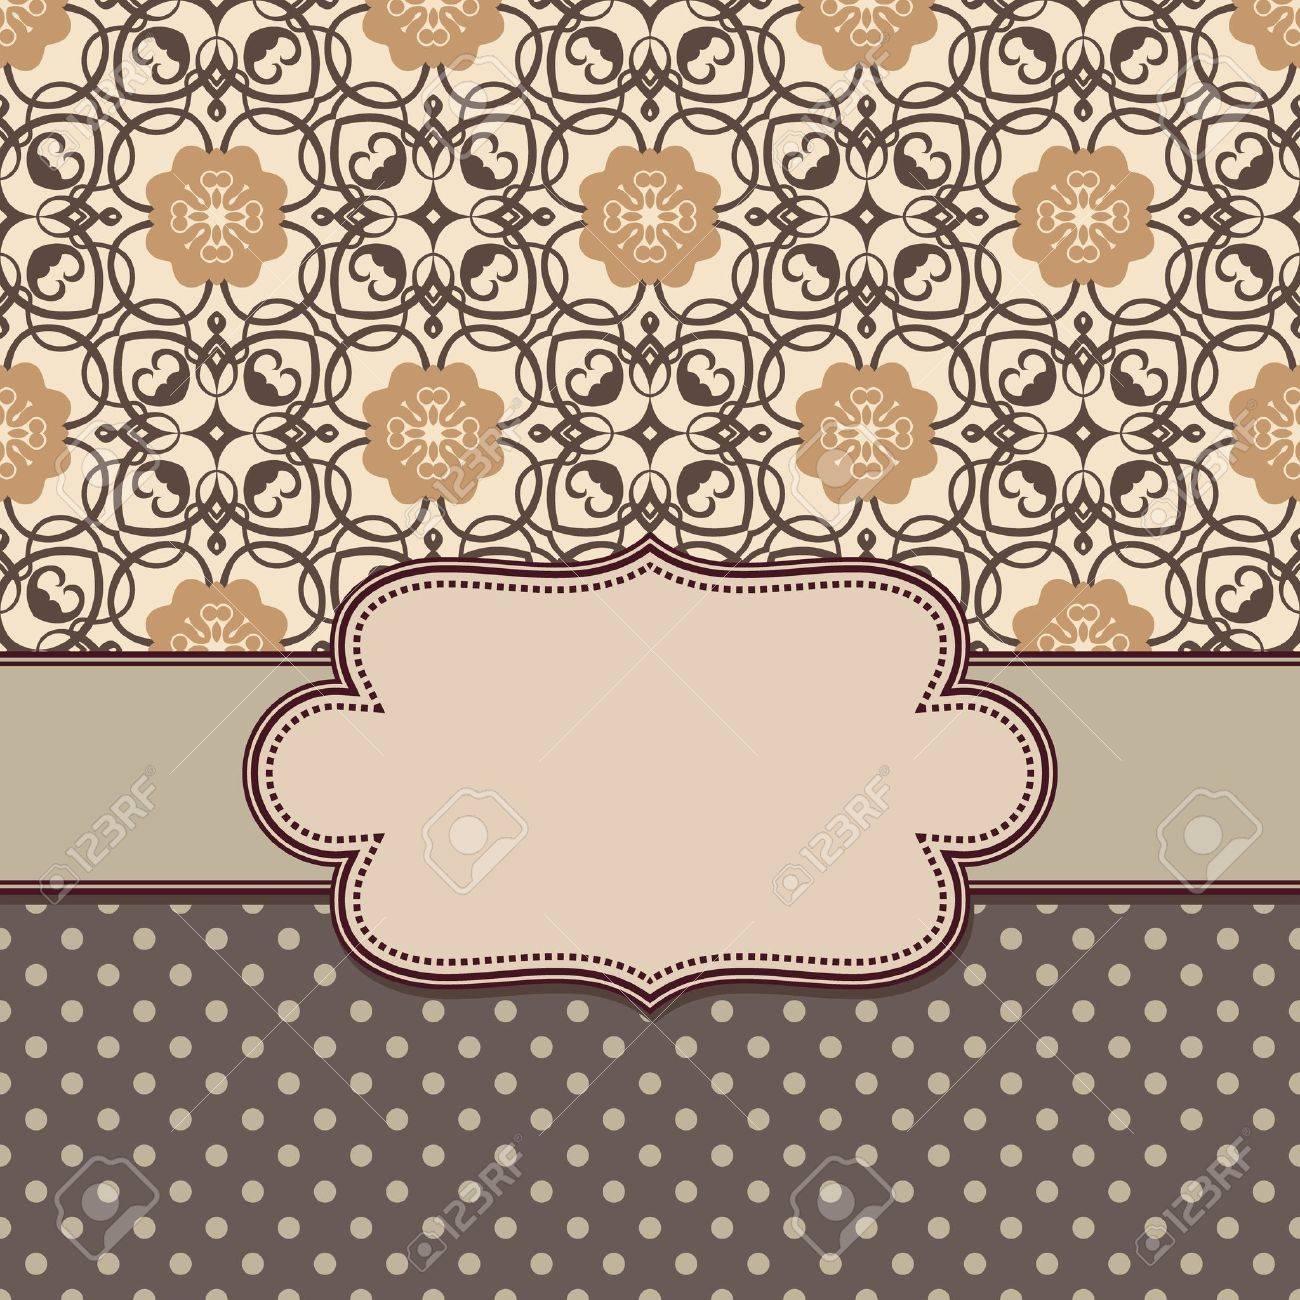 Vintage vector flower frame - 21930242